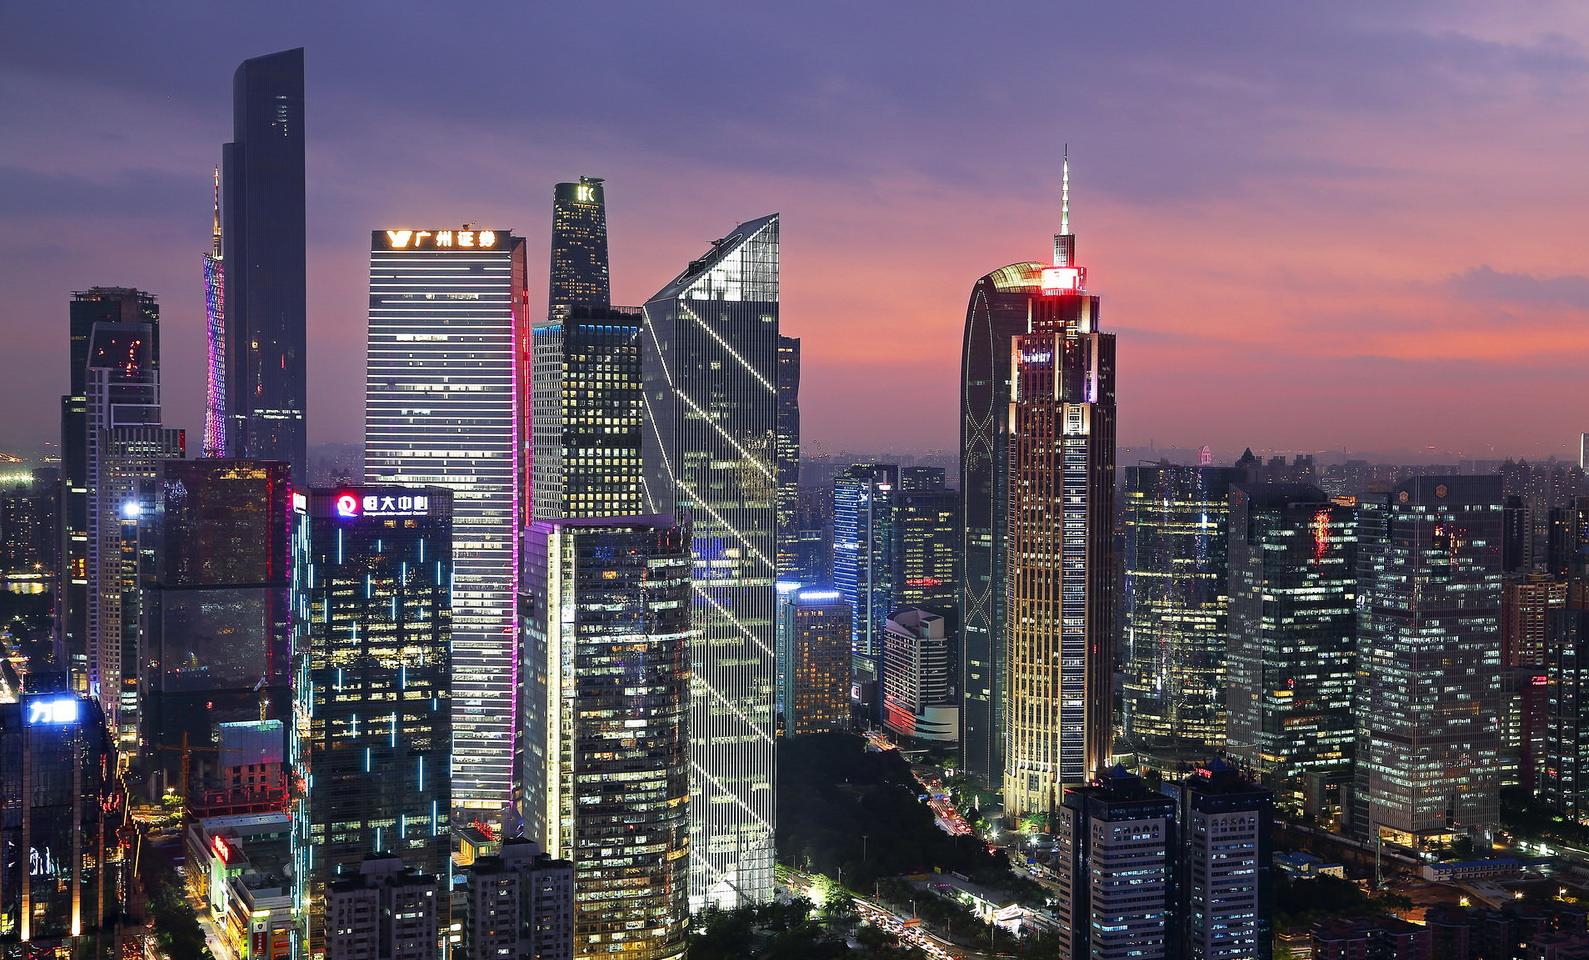 广州灯光音乐节持续19天,可预约观看